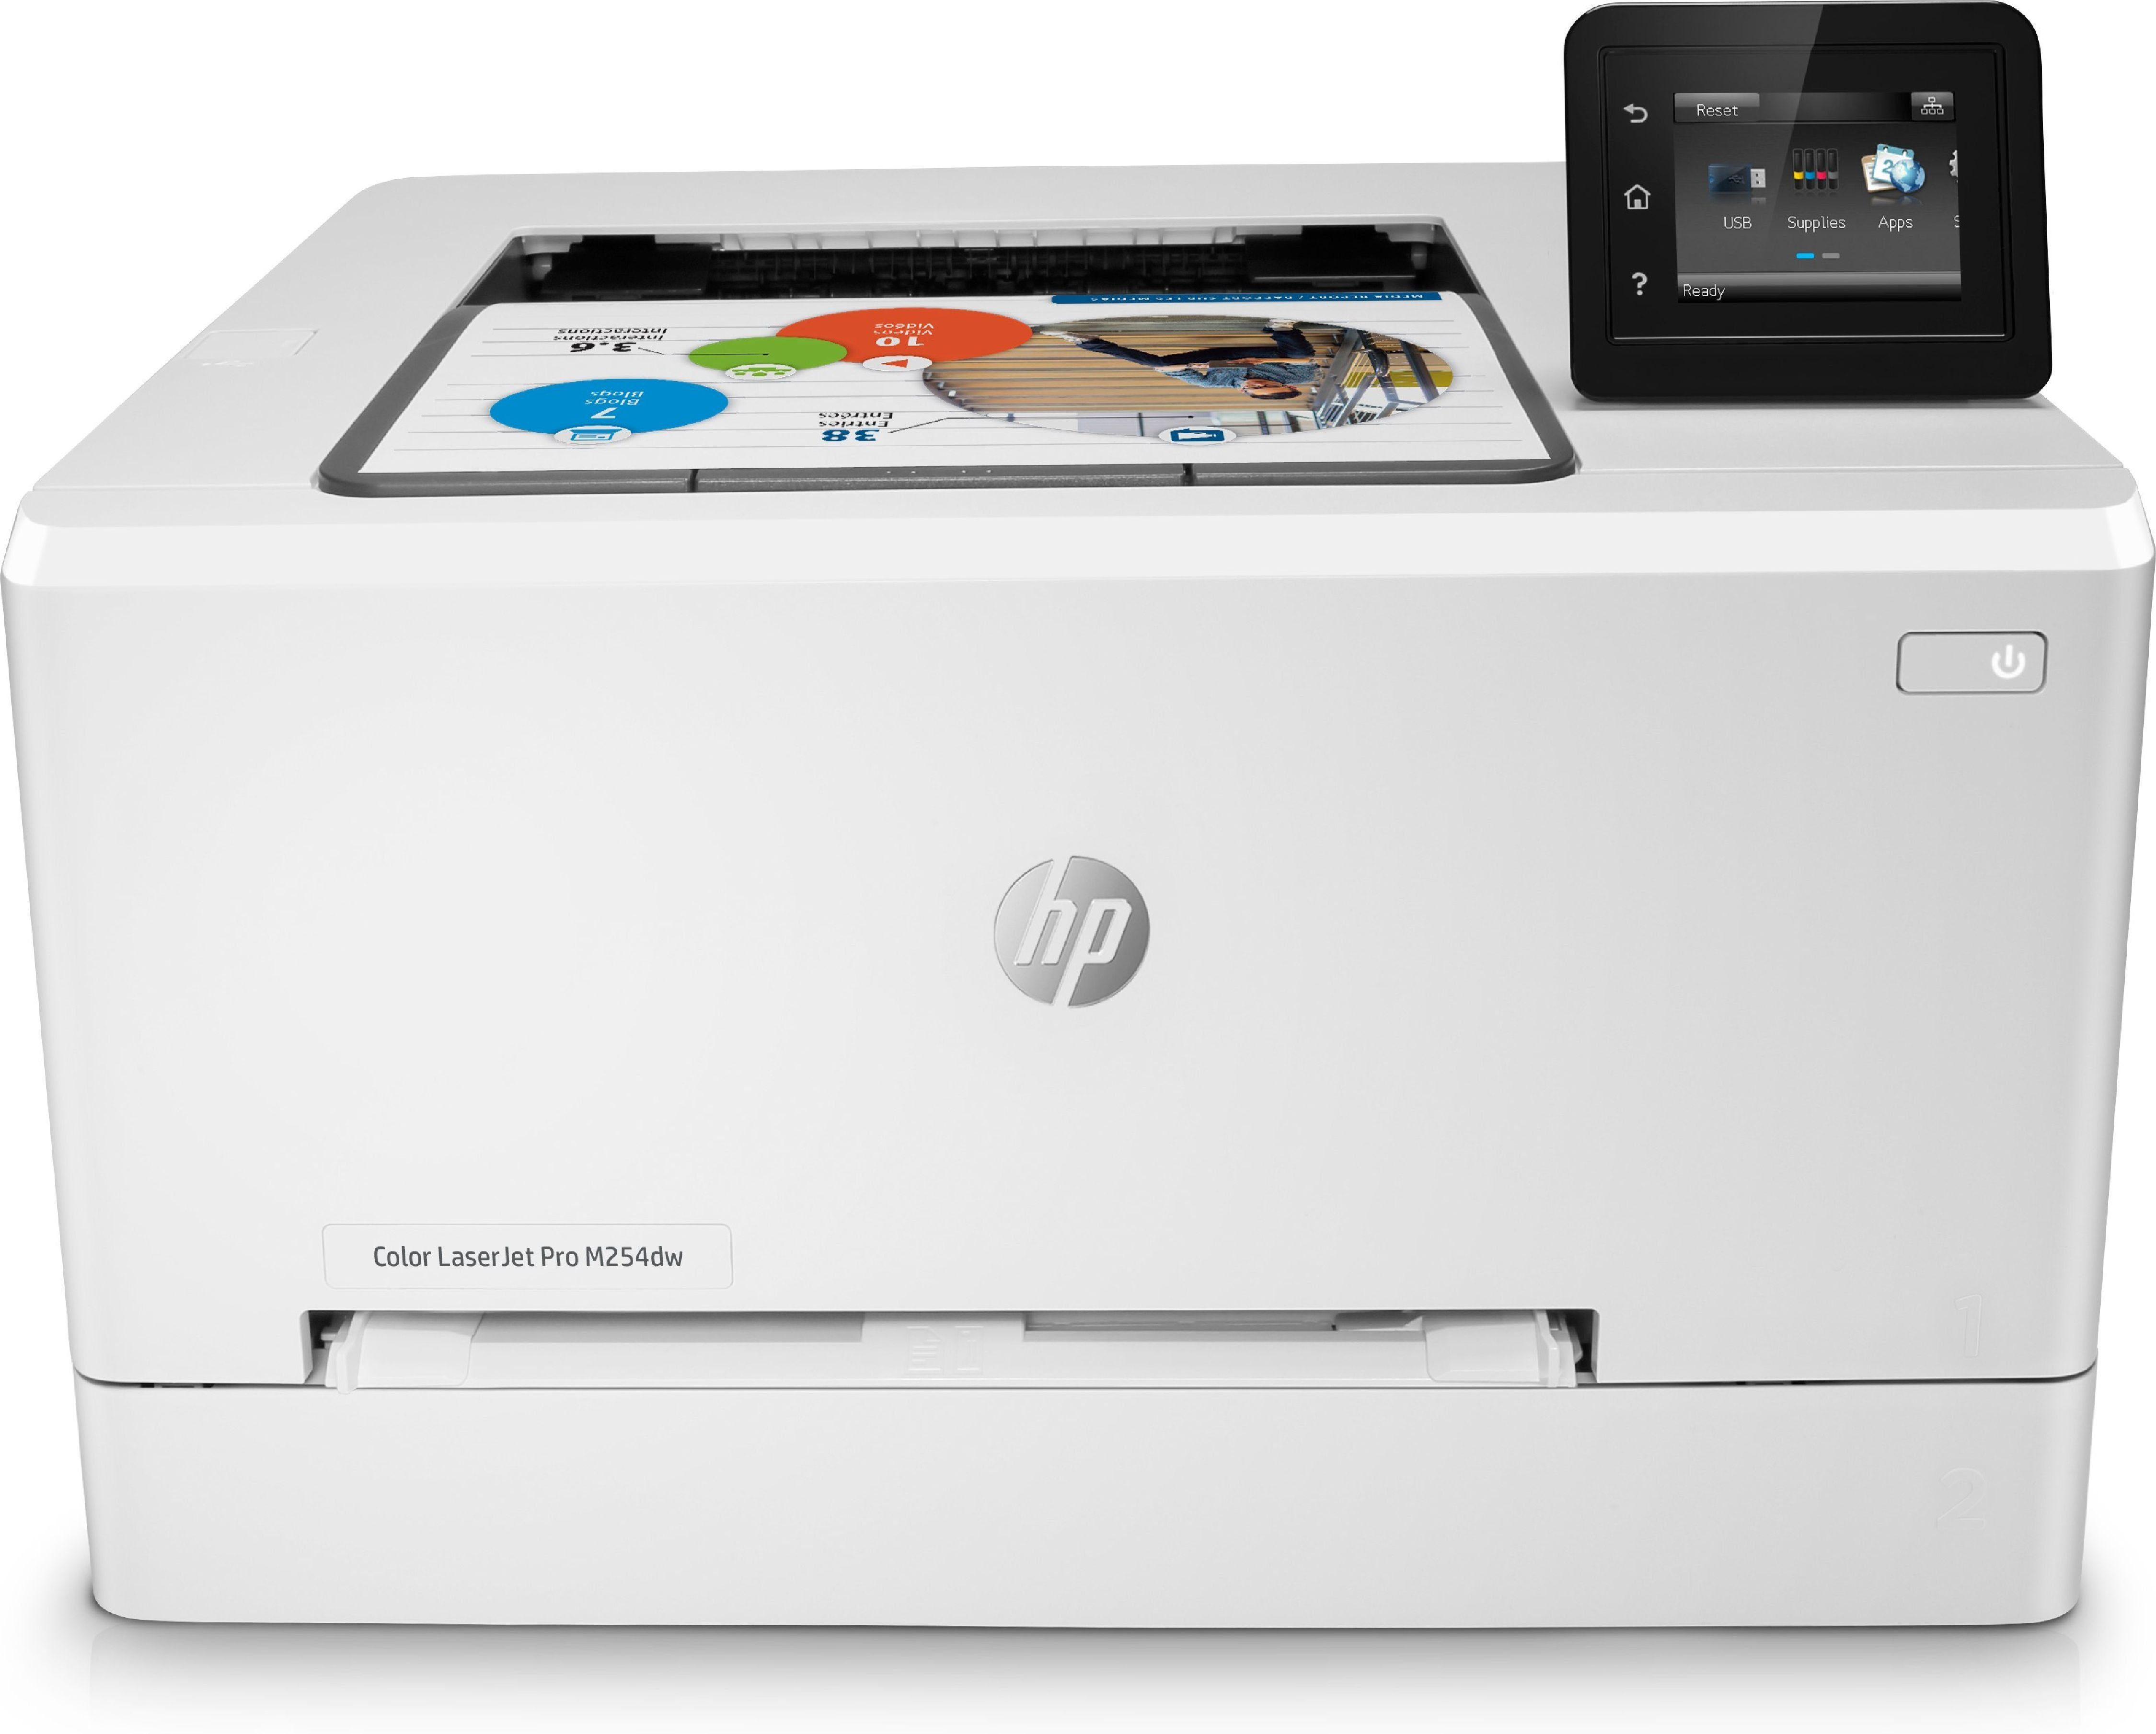 HP Color LaserJet Pro M254dw »Drucker«